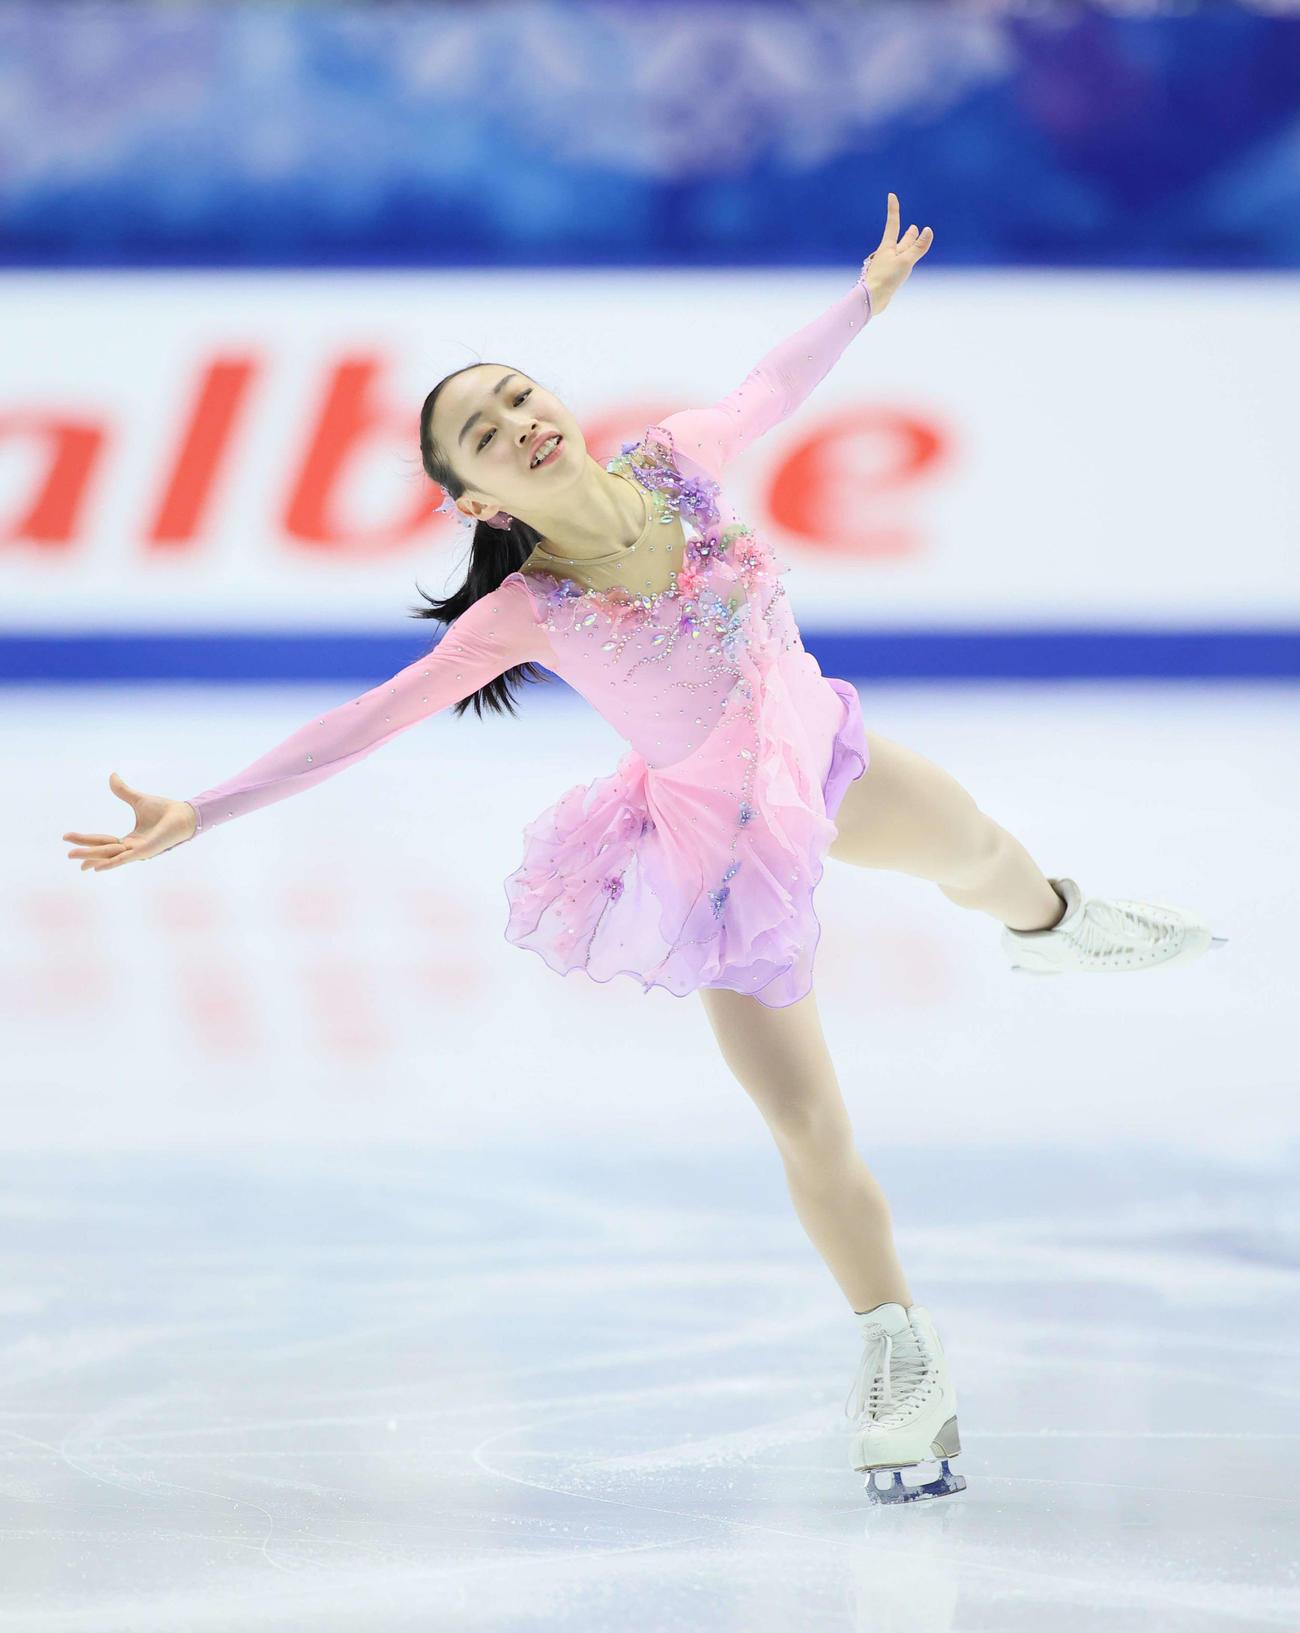 フィギュアスケートNHK杯女子ショートプログラム 演技をする松生理乃(代表撮影)